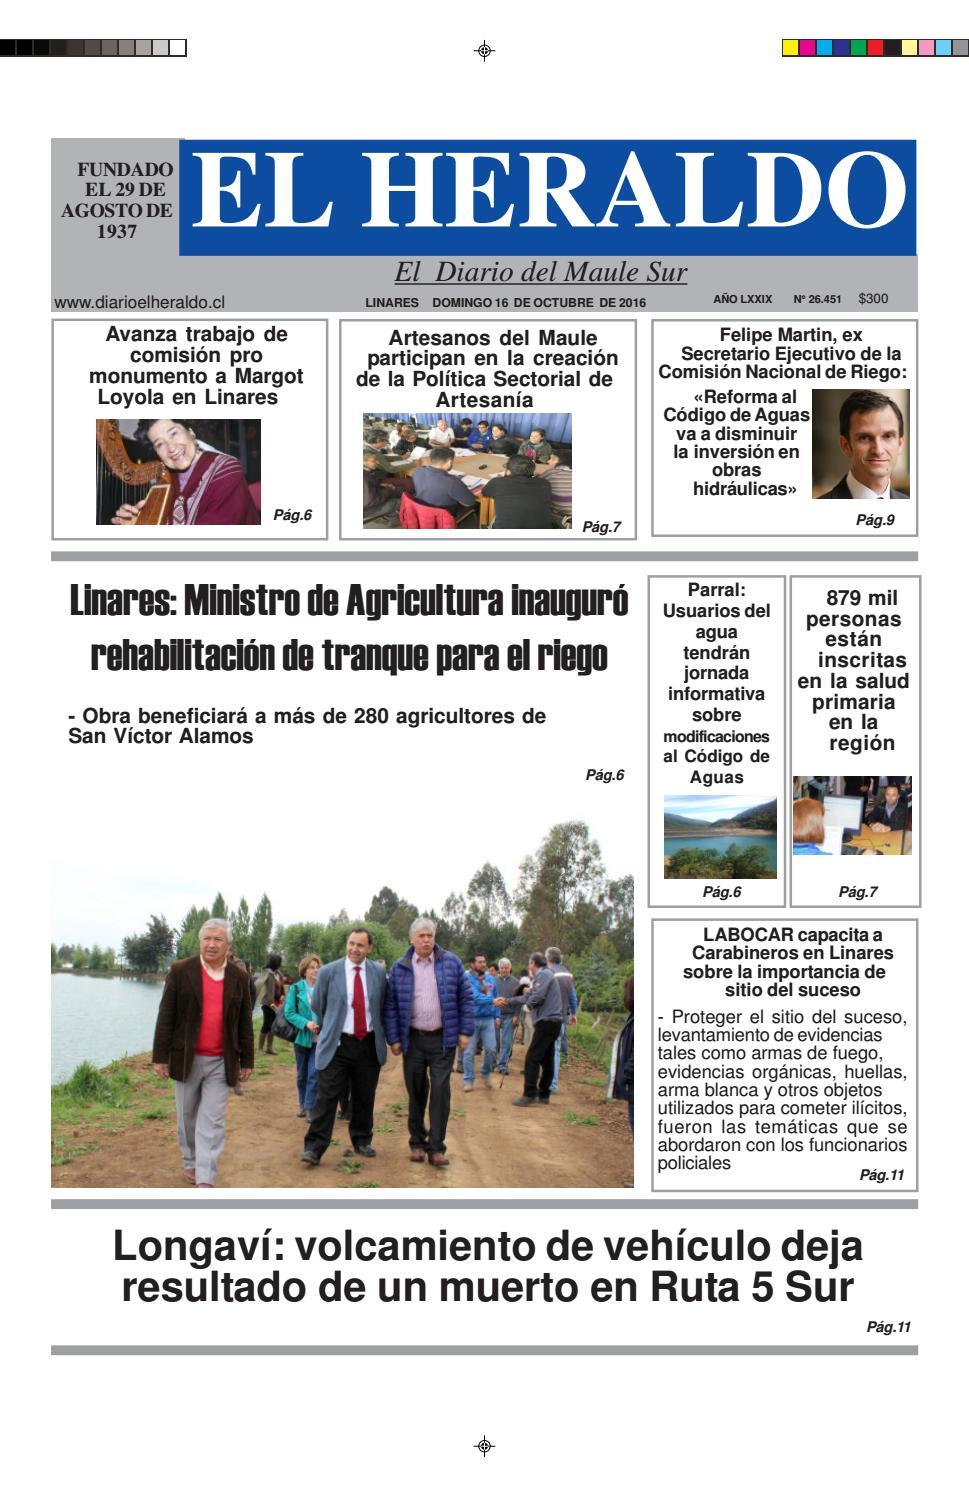 Domingo 16 de octubre 2016 by diario heraldo de linares - issuu